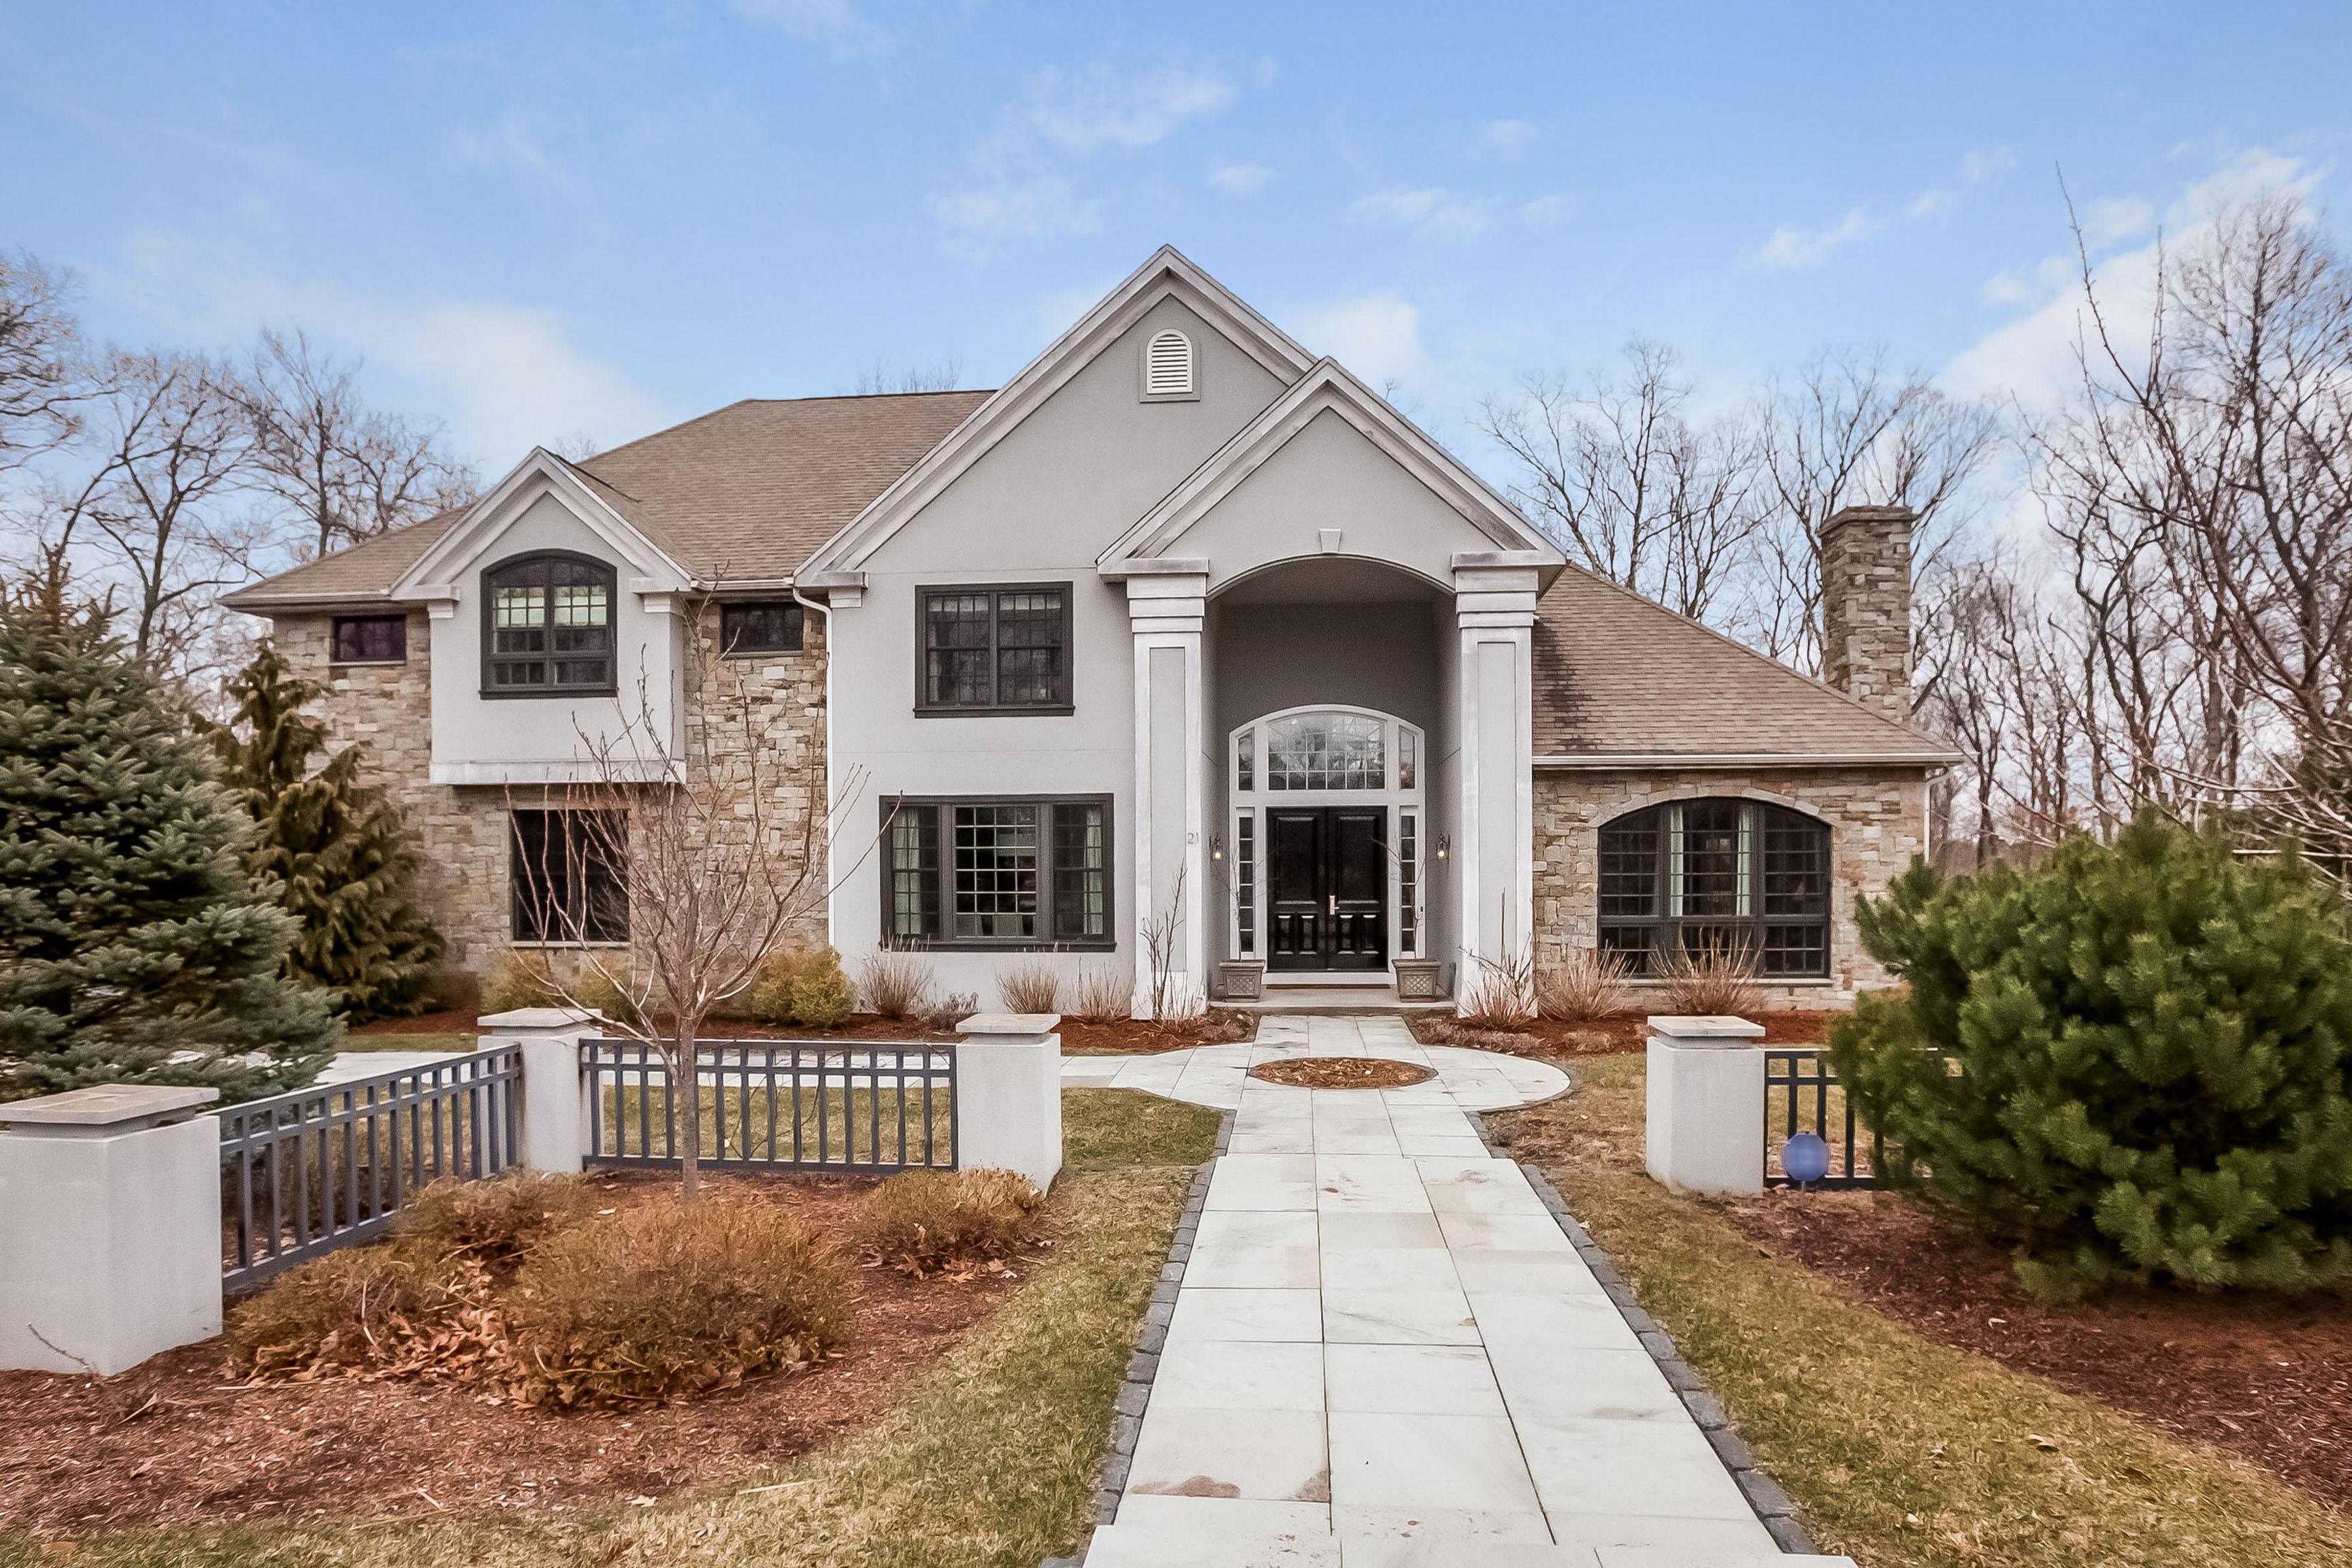 Casa Unifamiliar por un Venta en Great Attention to Detail 21 Halls Rd Westbrook, Connecticut 06498 Estados Unidos